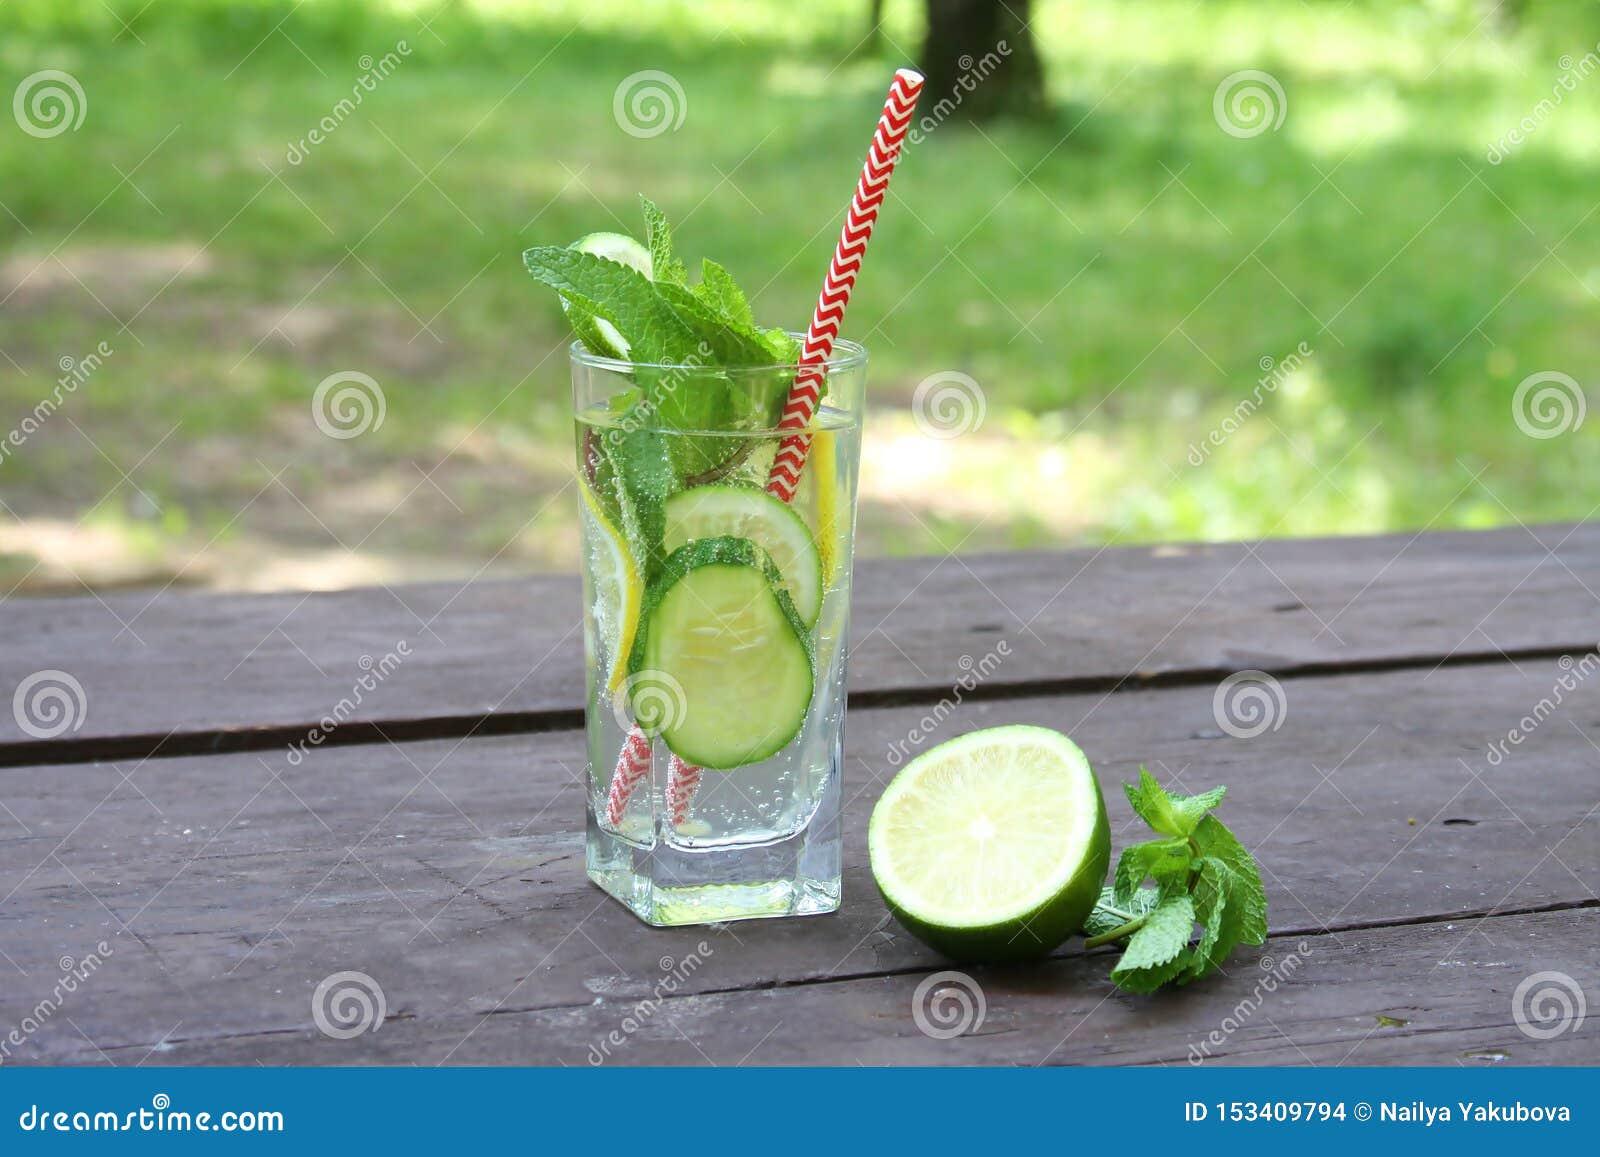 Освежая вода холодных напитков лета Sassy с лимоном, известкой, огурцом, мятой, имбирем в стекле на деревянном столе, на открытом